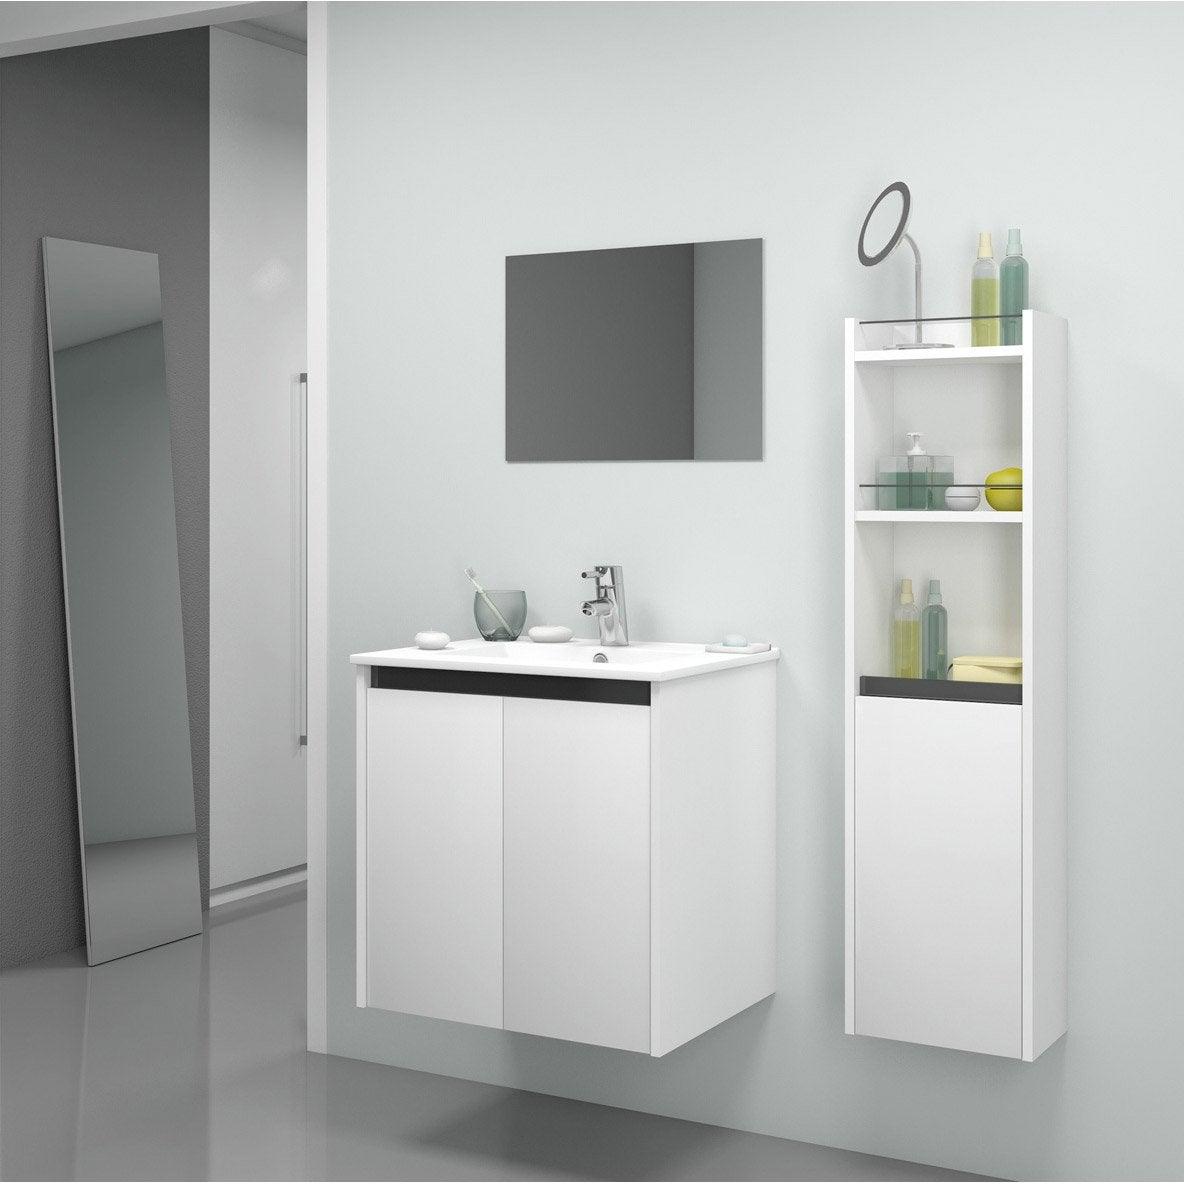 Meuble salle de bain leroy merlin galice meuble sous - Leroy merlin meuble de salle de bain ...